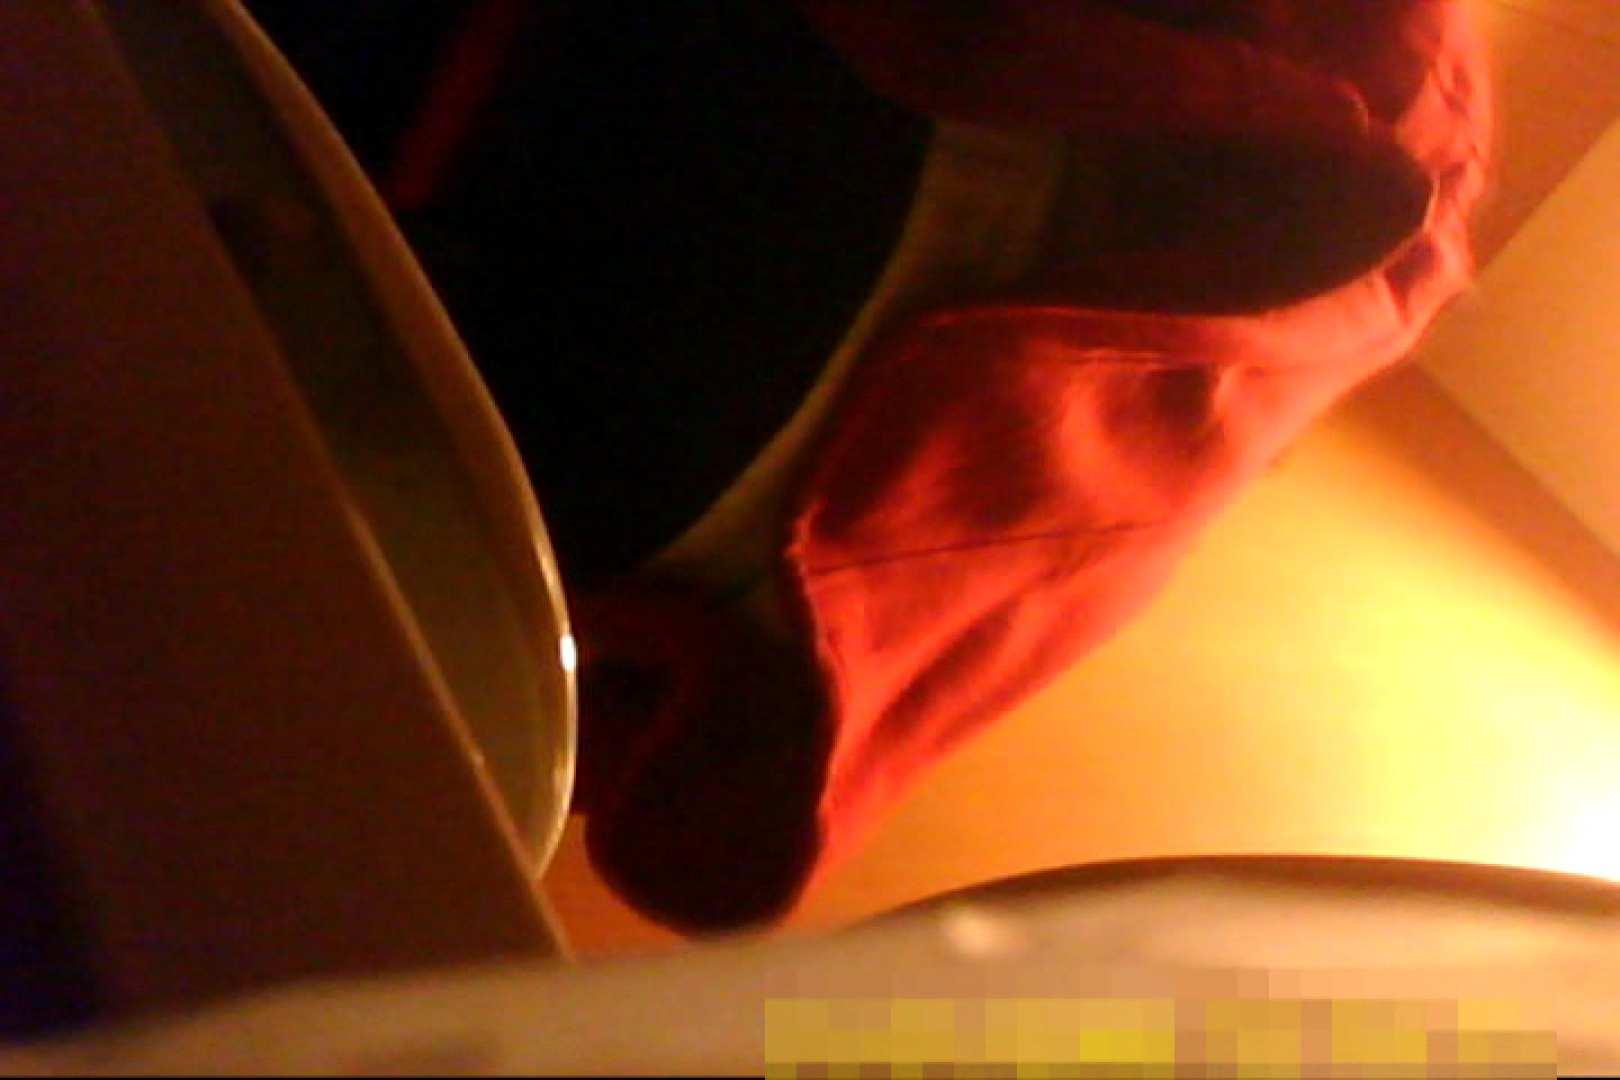 魅惑の化粧室~禁断のプライベート空間~vol.6 お姉さん  81pic 59